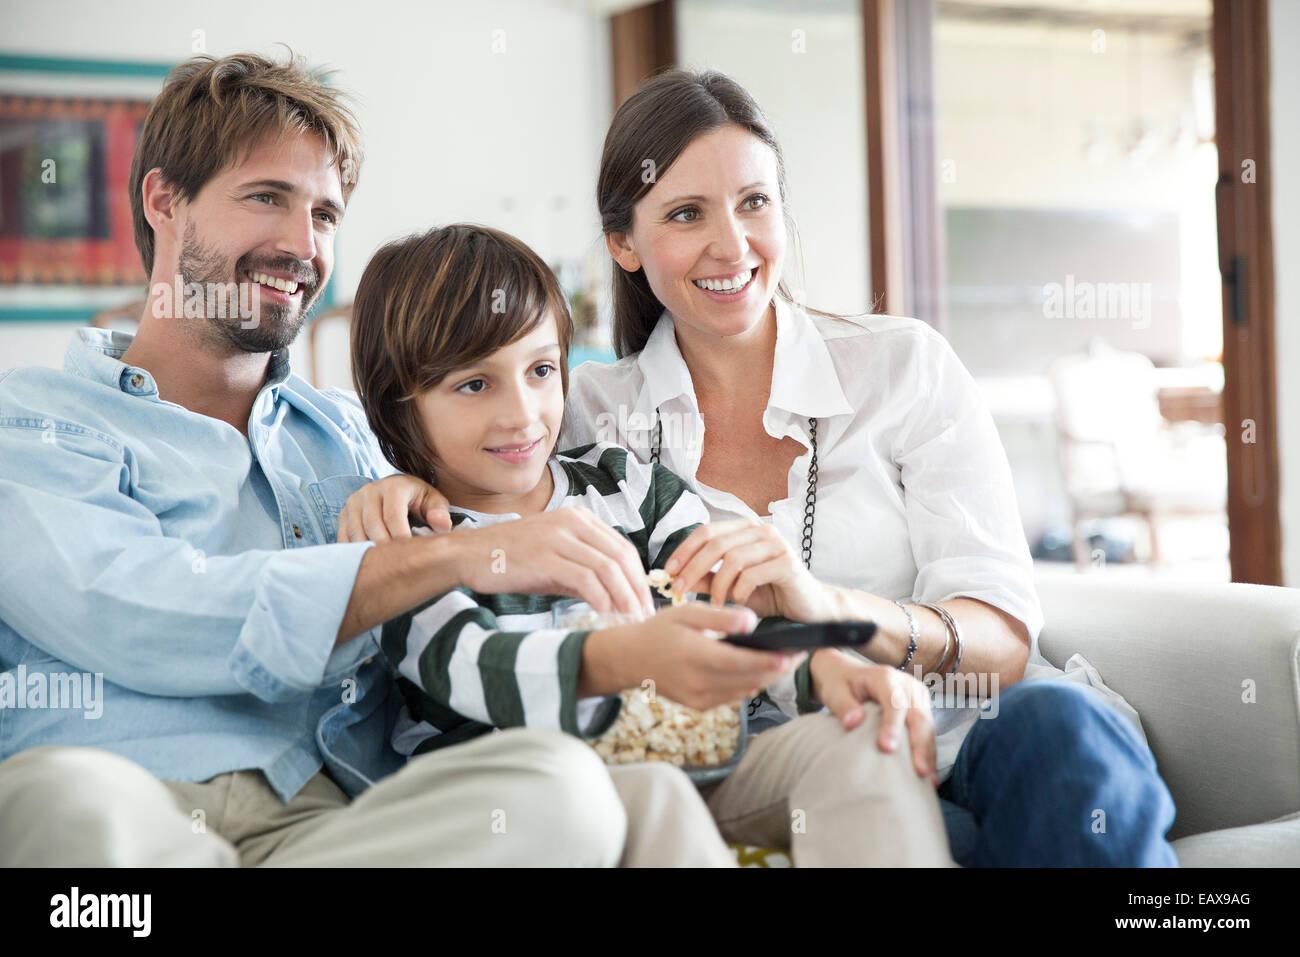 Familia viendo la televisión juntos Imagen De Stock